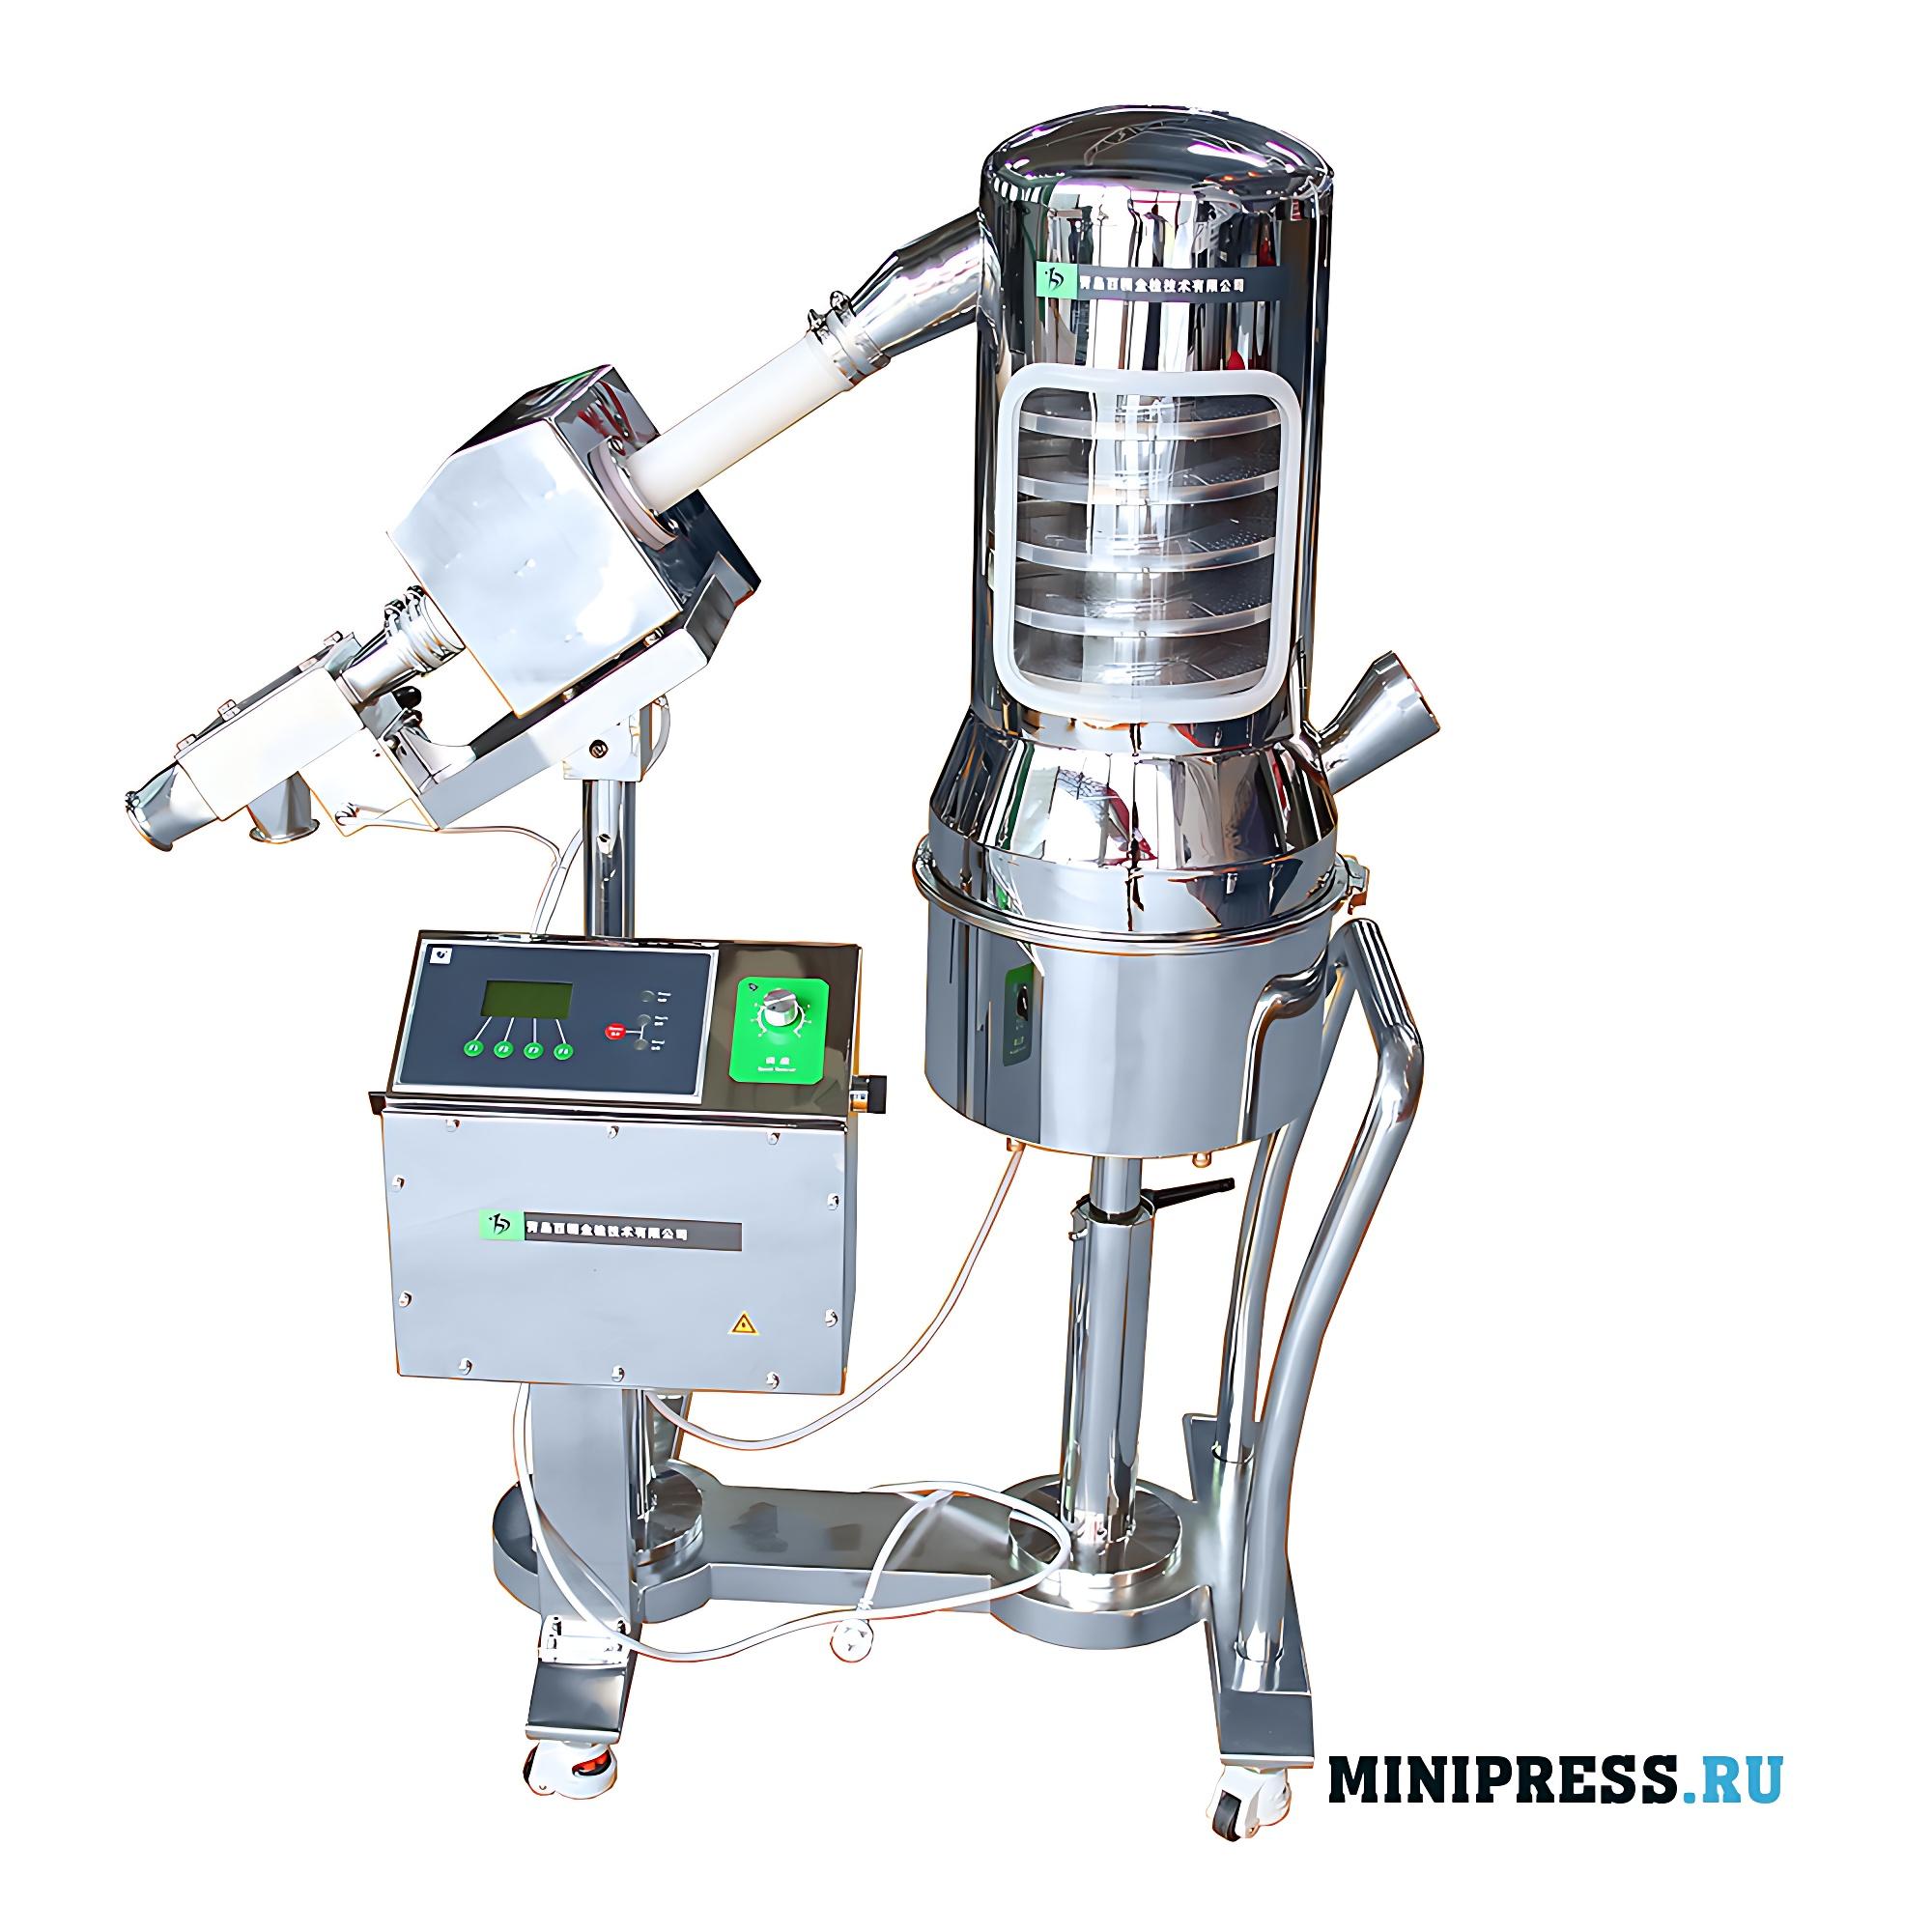 Оборудование для удаления пыли и подачи таблеток с проверкой на металлодетекторе